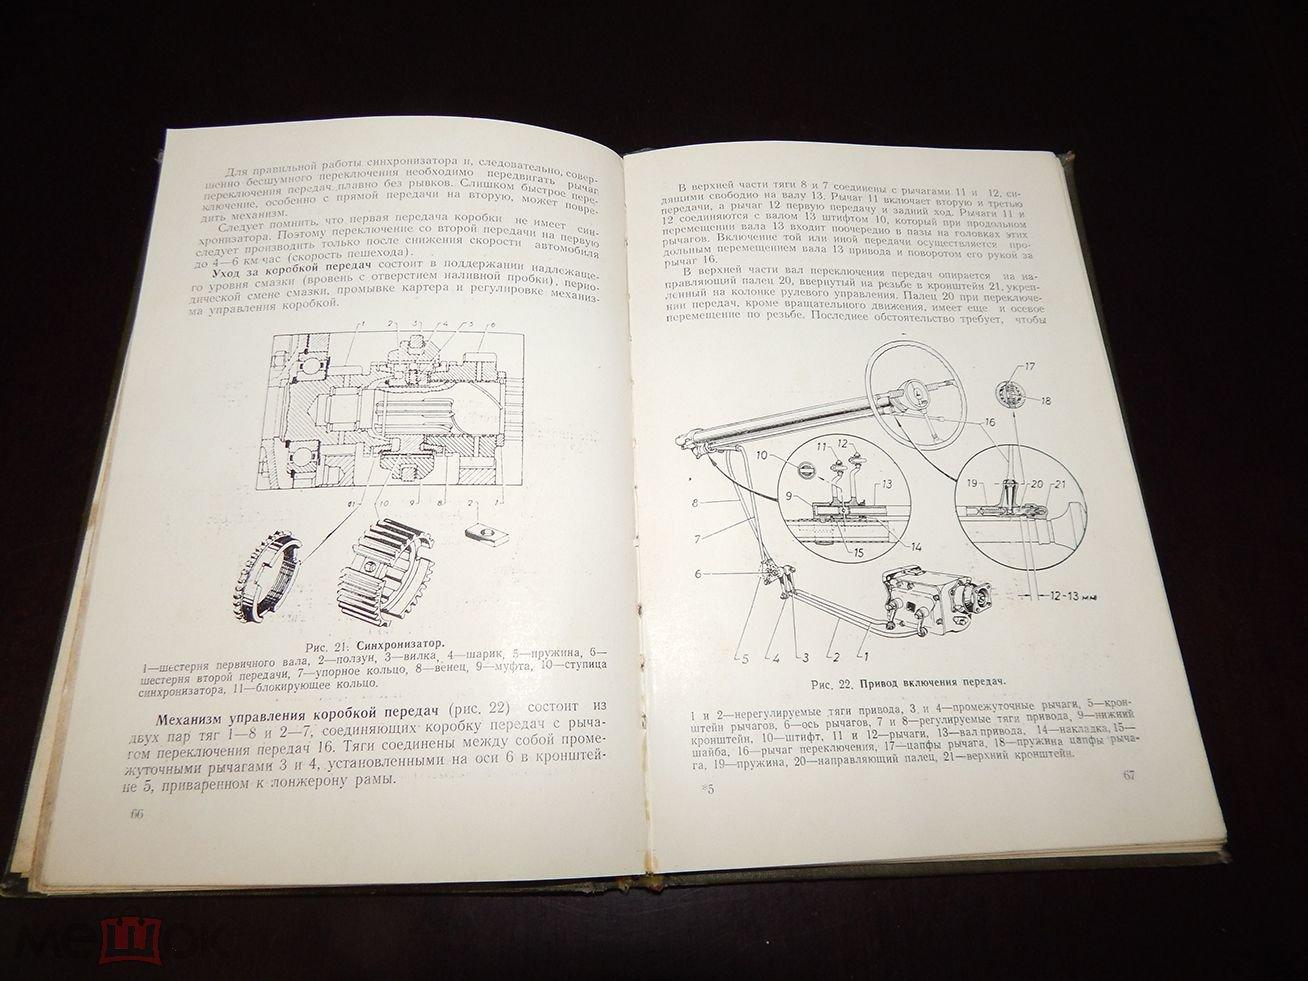 Автомобиль ЗИМ. Инструкция по уходу. 1956 г.